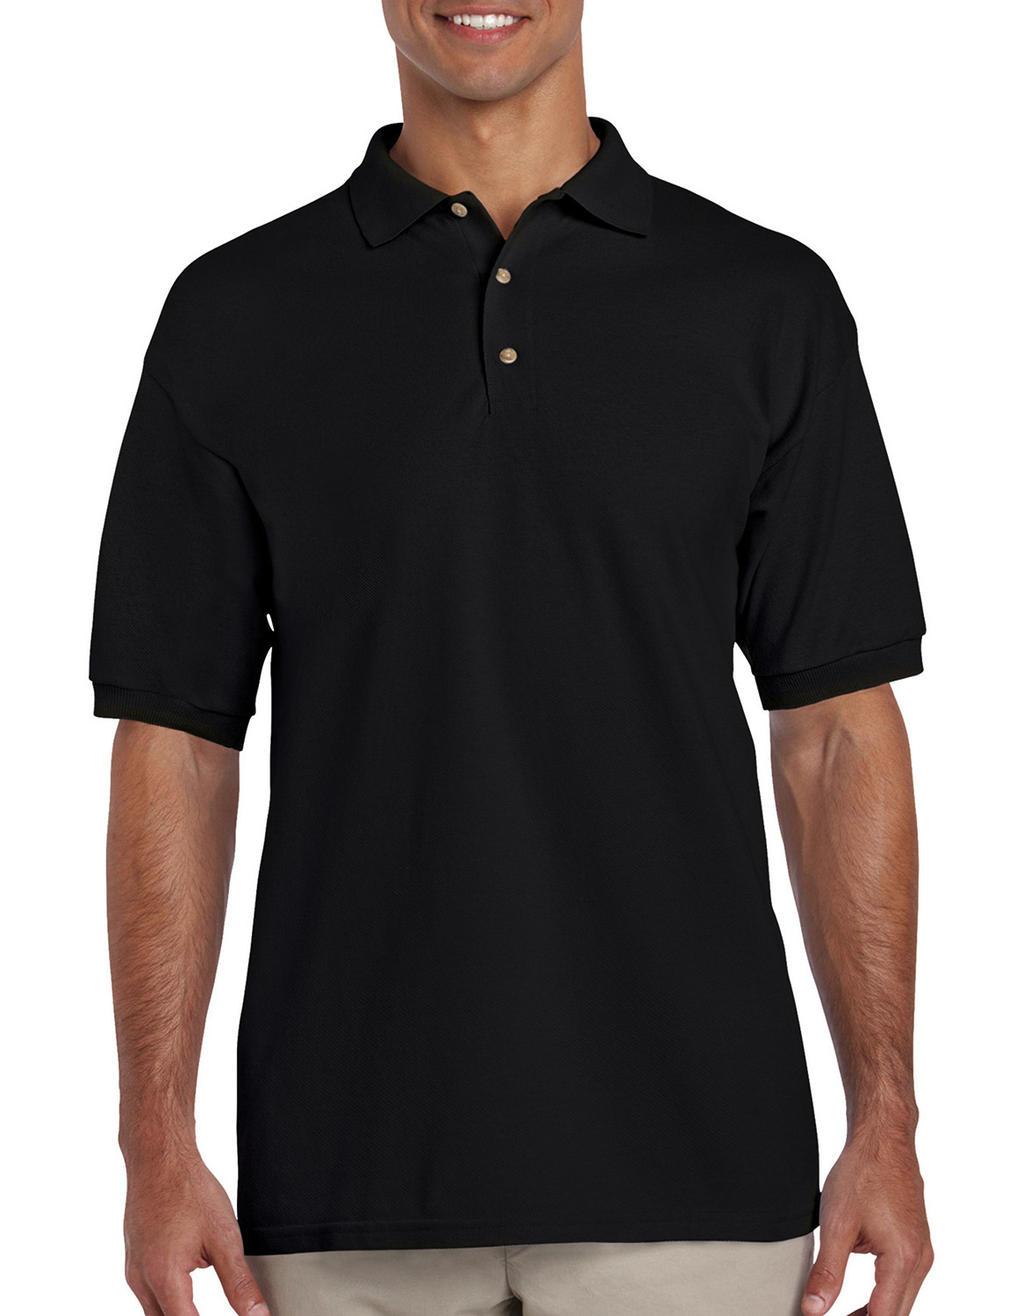 Pánské polo trièko Piqué Ultra Cotton - zvìtšit obrázek